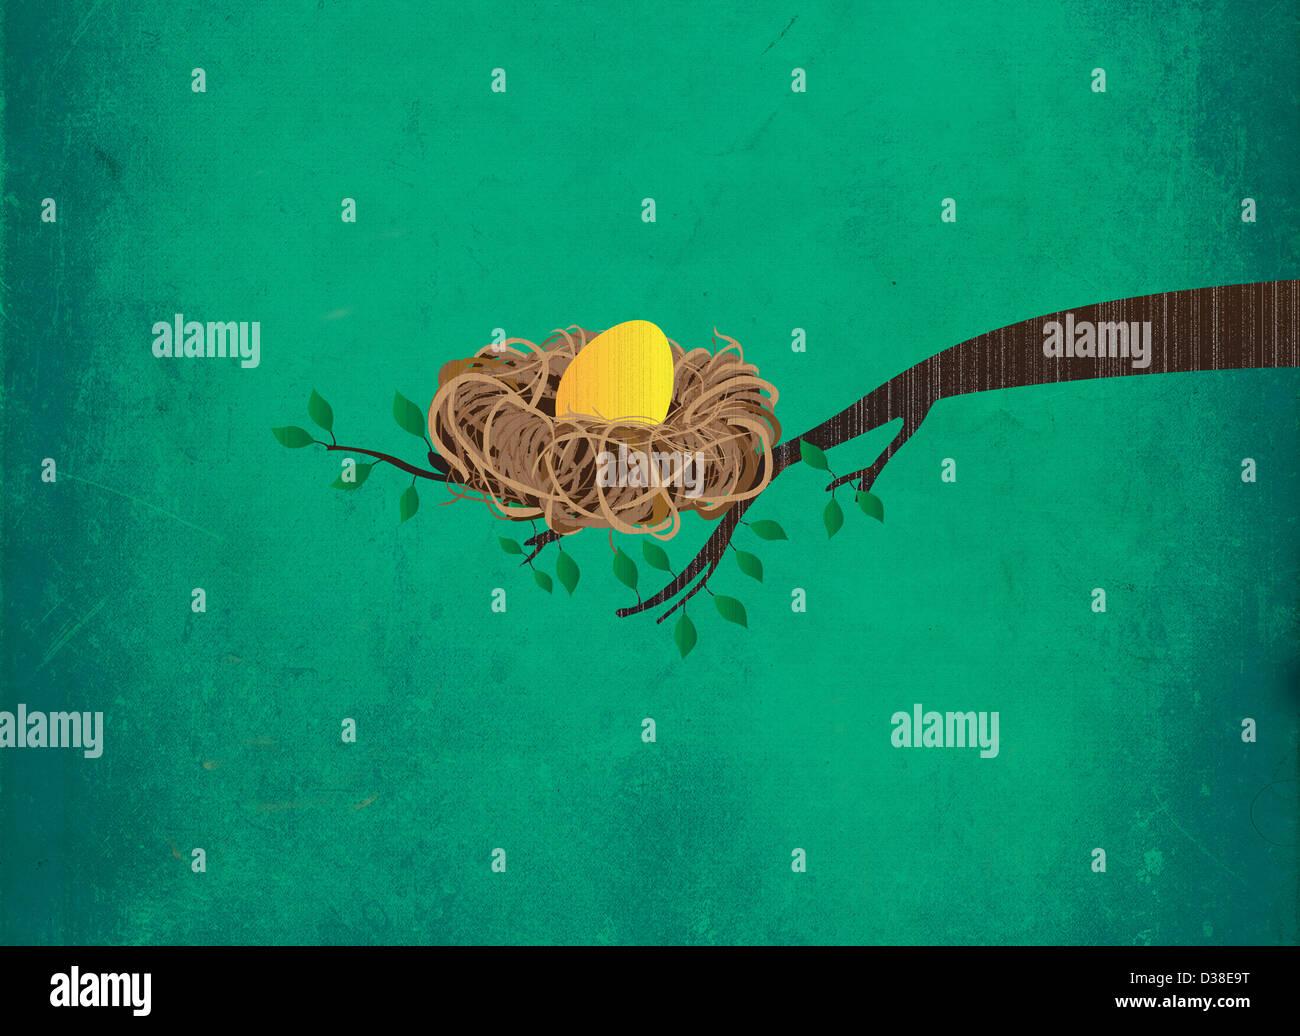 Image d'illustration de golden egg in nest sur branche représentant l'investissement Photo Stock